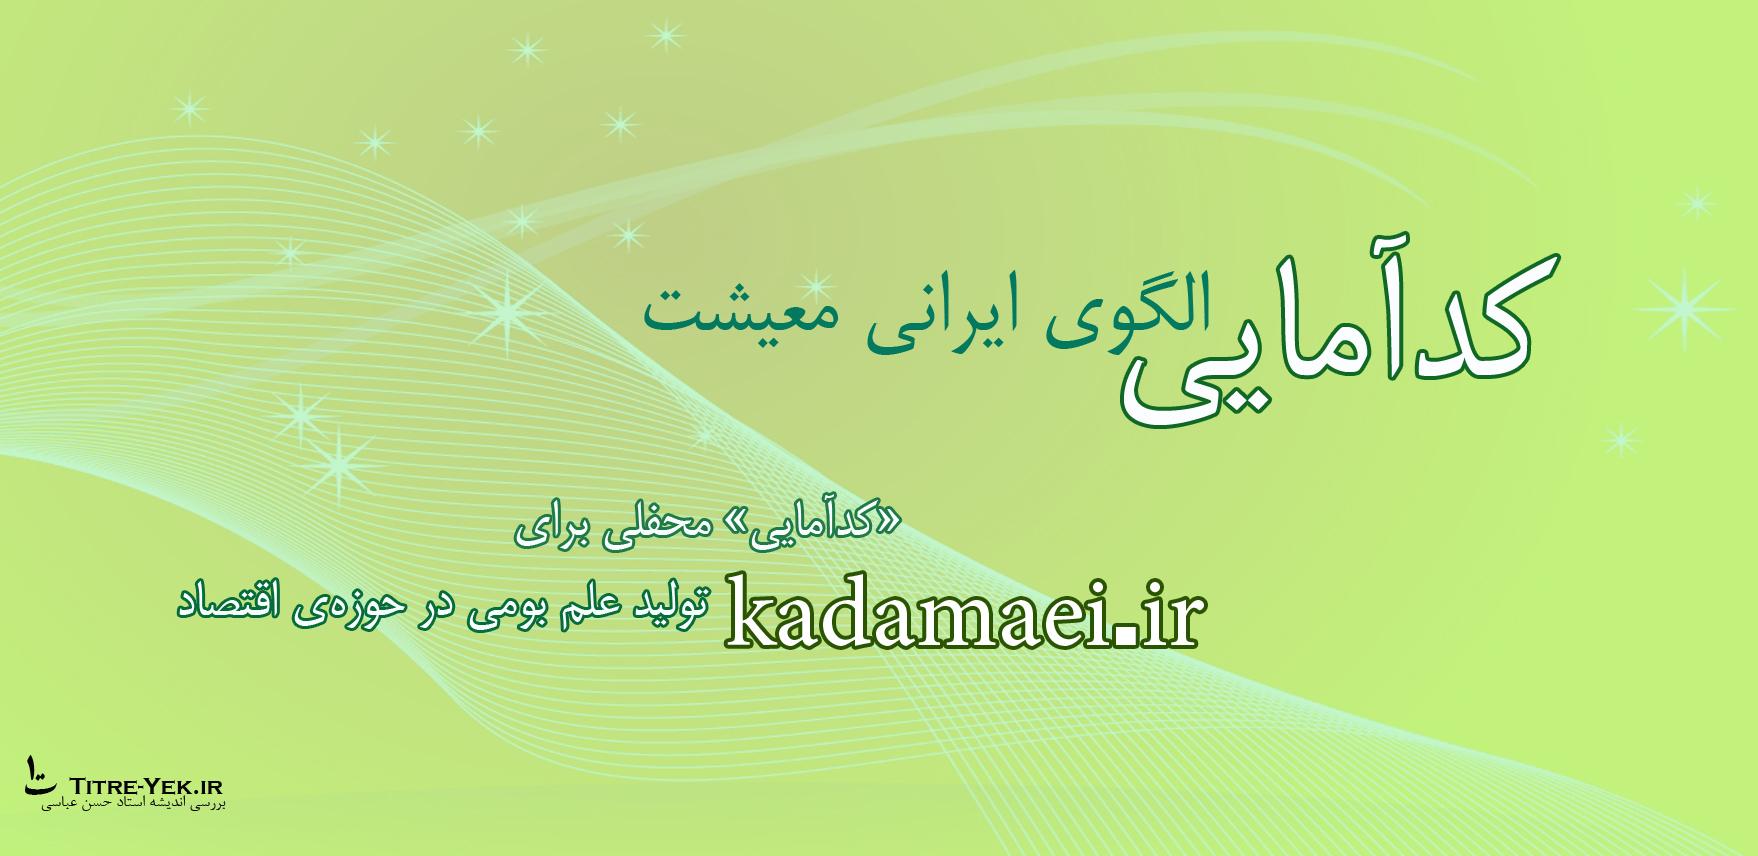 http://s5.picofile.com/file/8112508776/kadamaei.jpg